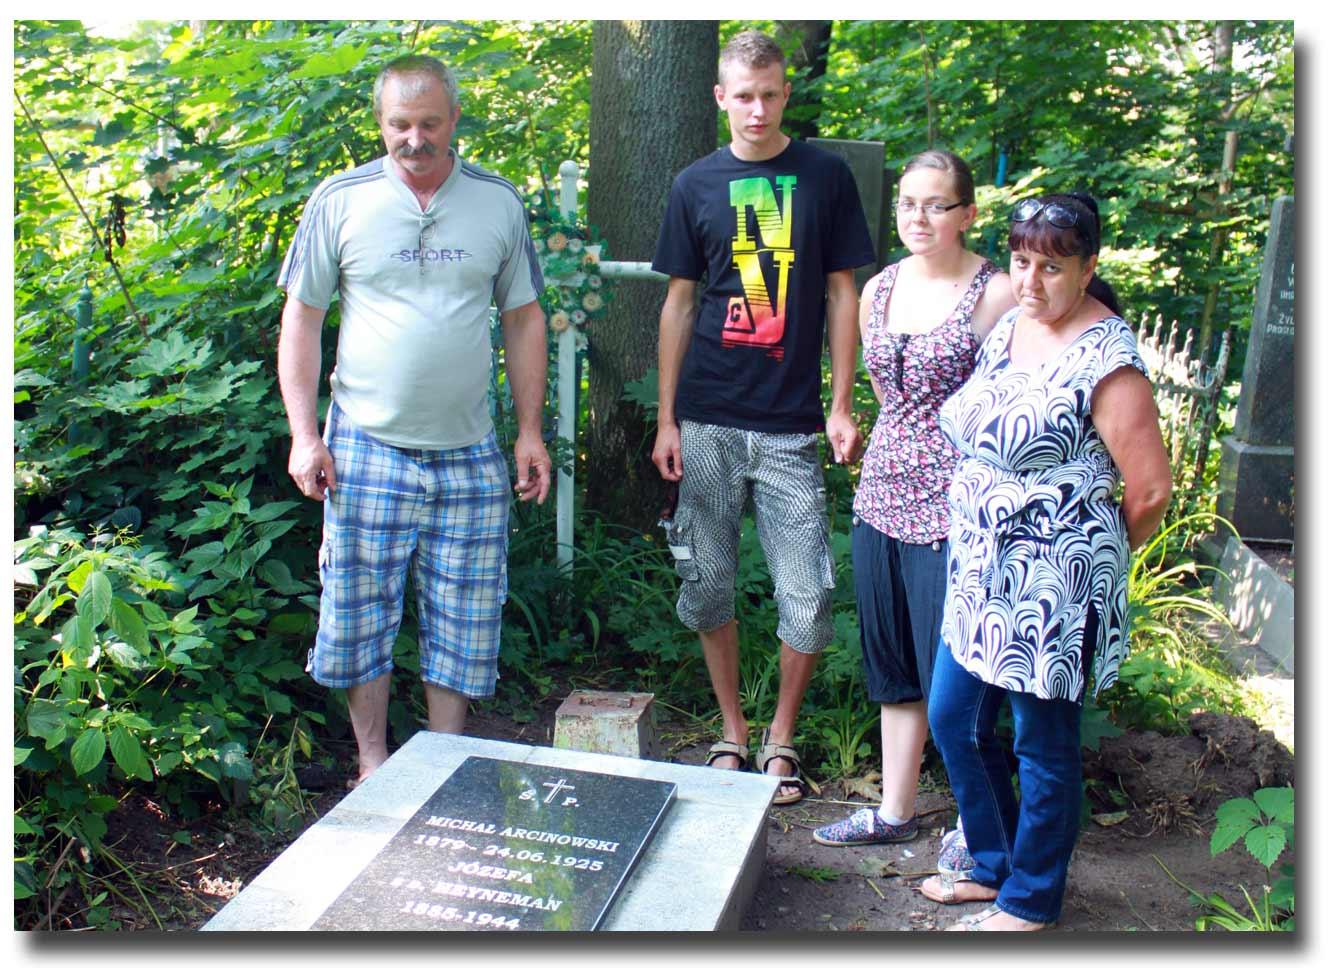 Na zdjęciu - Andrzej, Romuald, Agnieszka i Bożena Arcinowscy